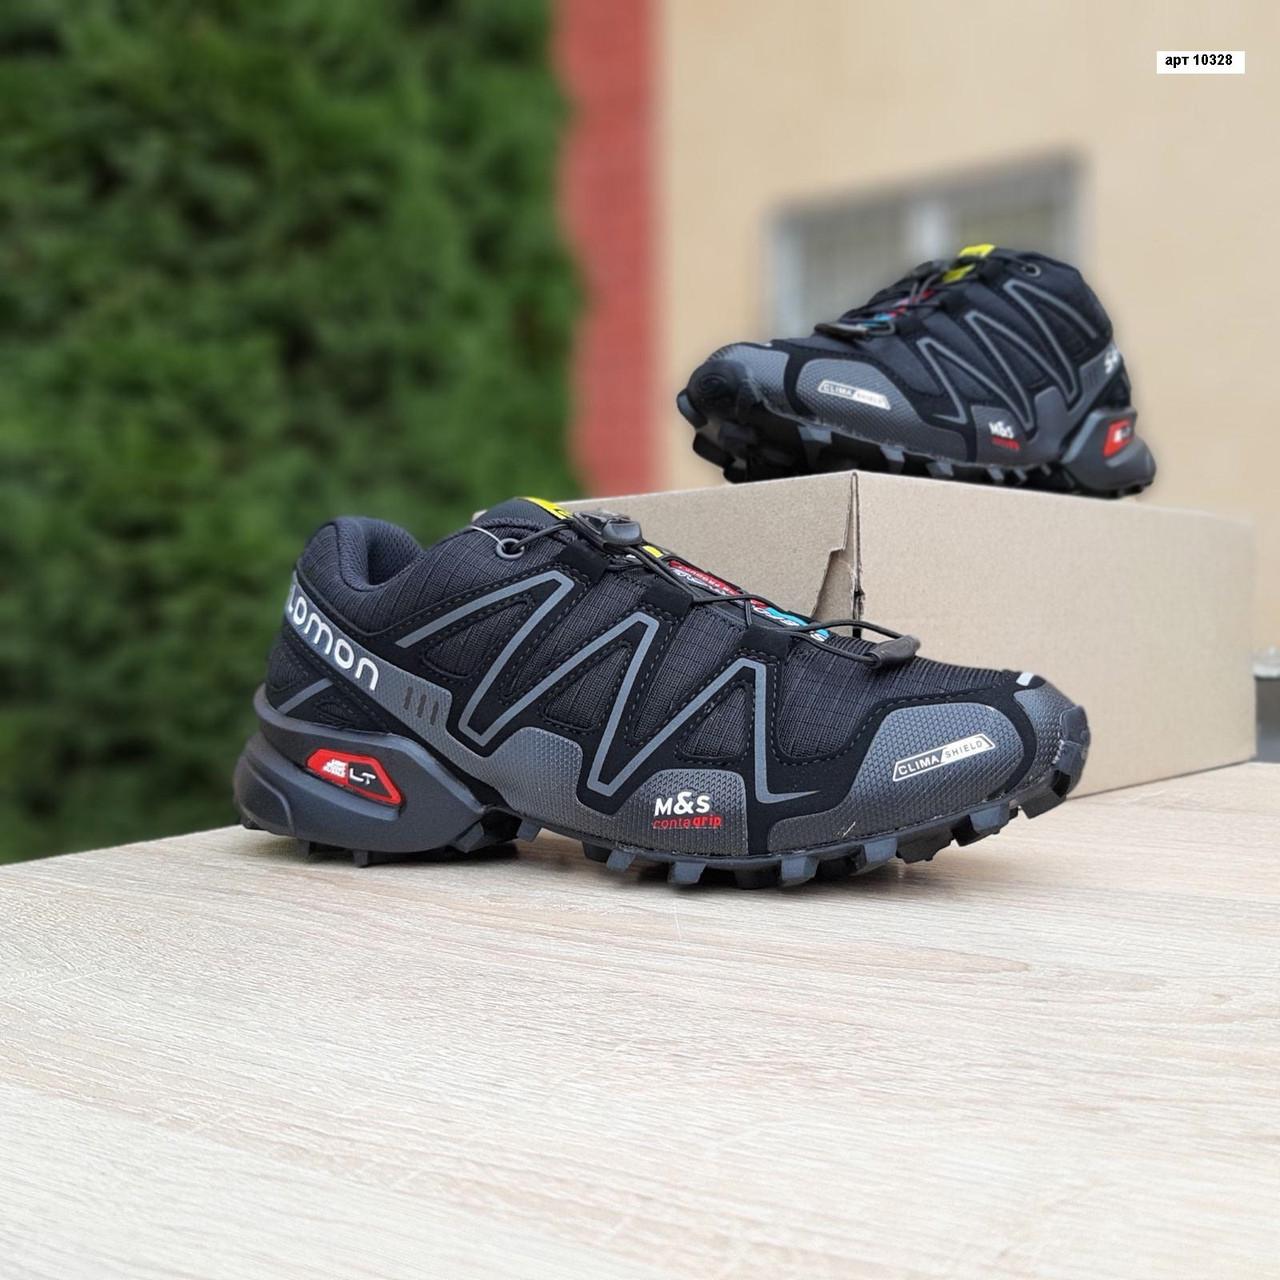 Мужские кроссовки Salomon Speedcross 3 (черно-серые) 10328